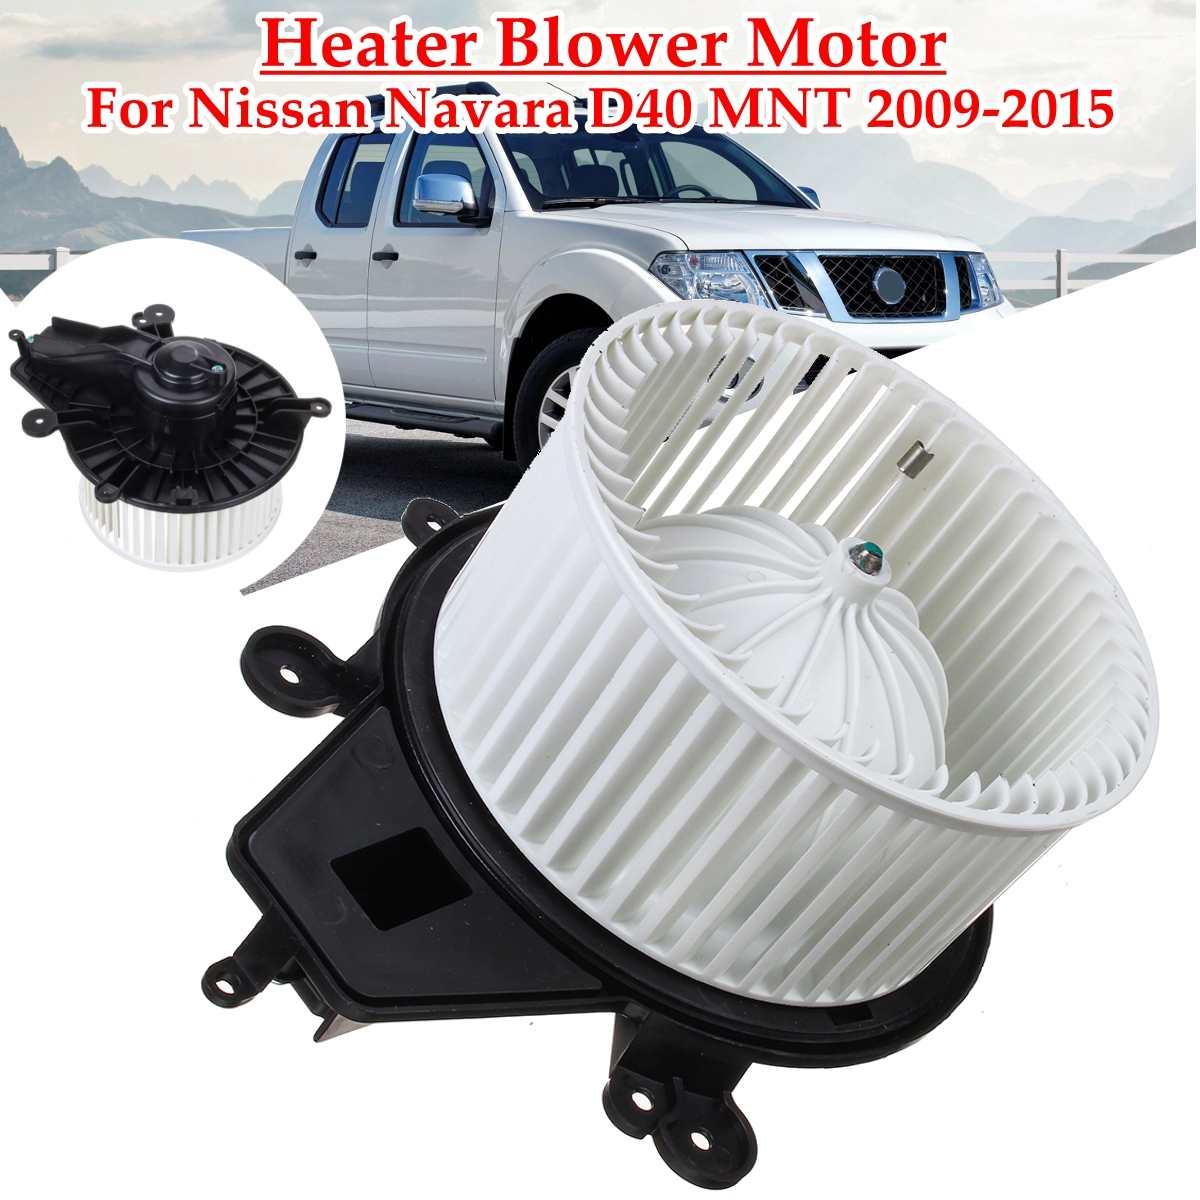 RHD voiture ventilateur ventilateur électronique chauffage ventilateur moteur pour Nissan Navara D40 MNT 2009 2010 2011 2012 2013 2014 2015 27226-JS60B